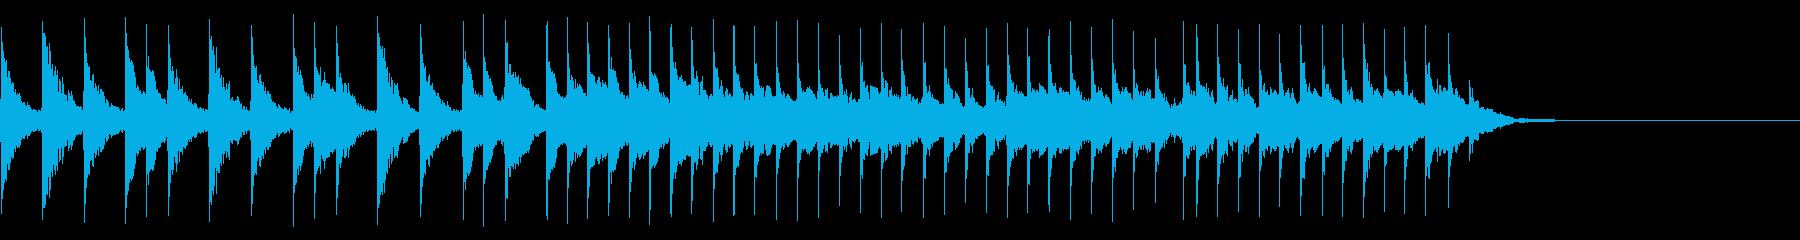 和楽器/三味線/和風フレーズ/#1の再生済みの波形